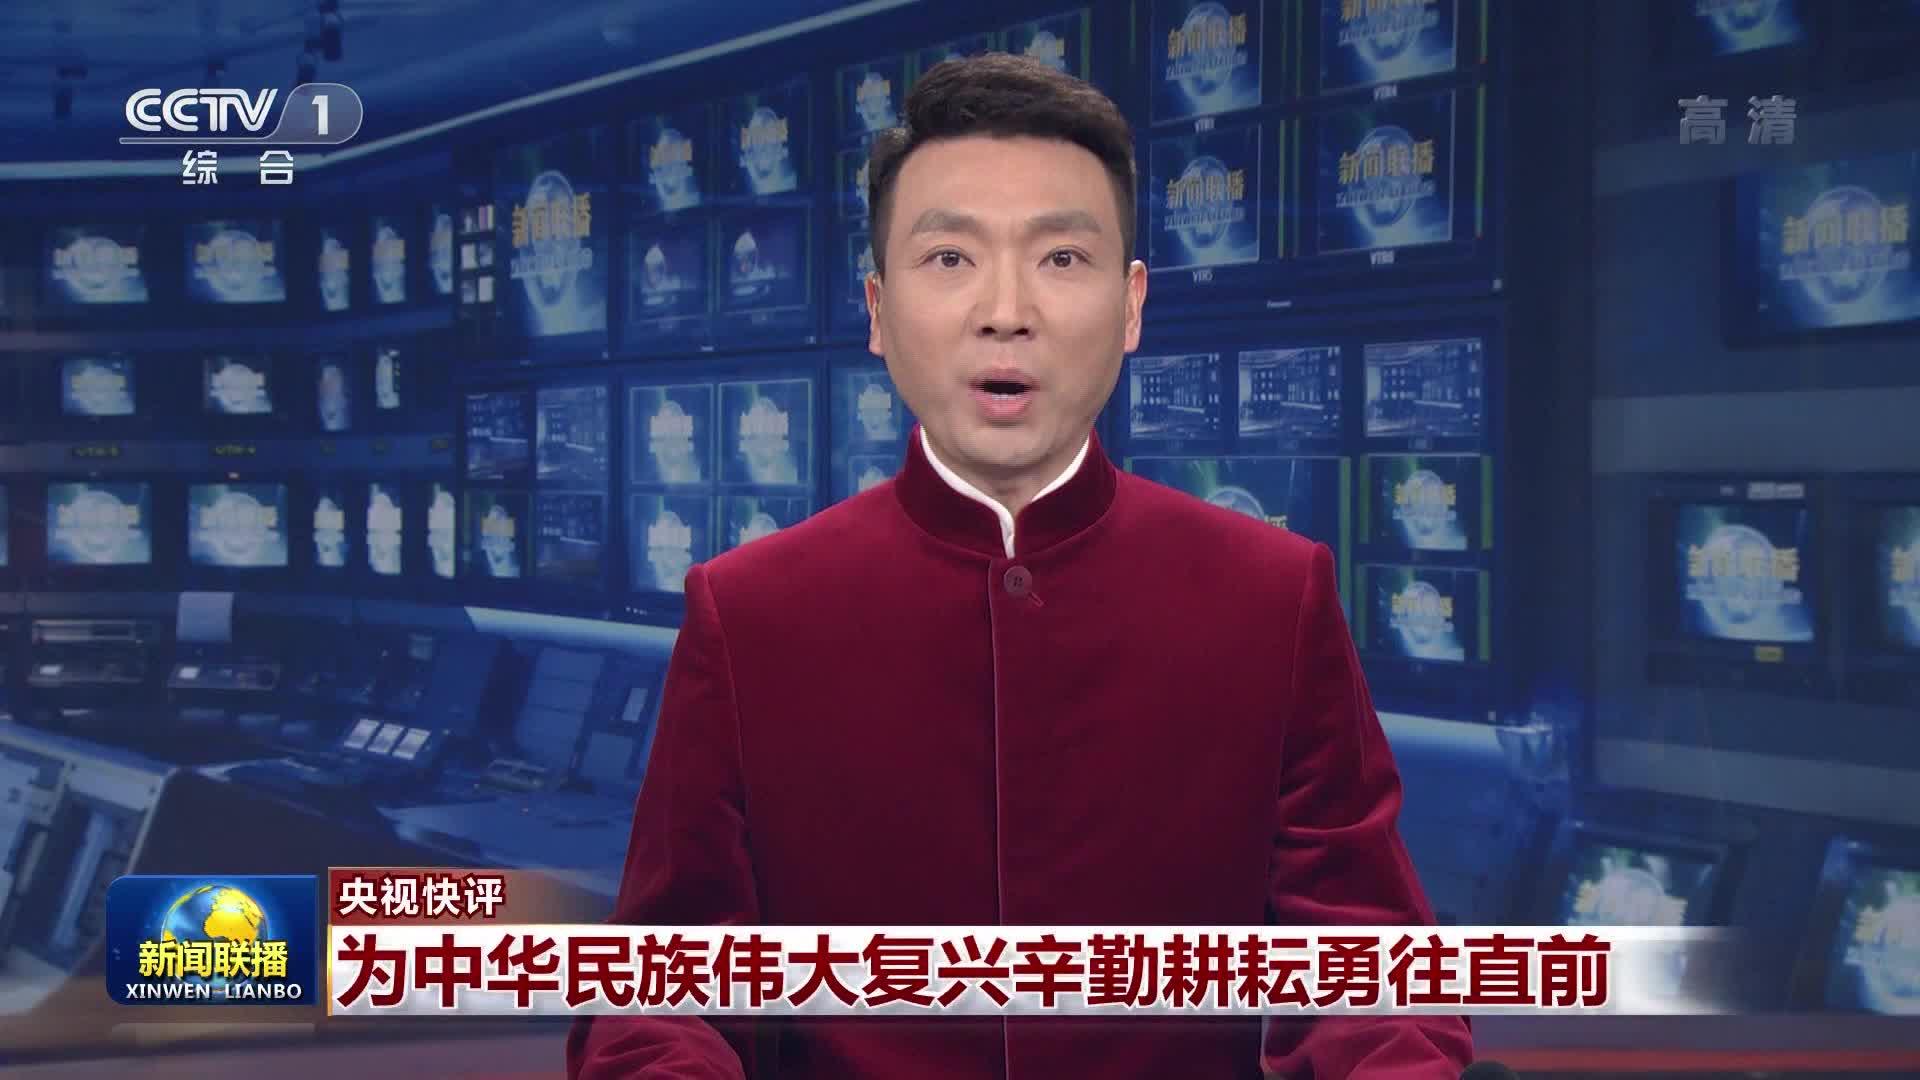 【央视快评】为中华民族伟大复兴辛勤耕耘勇往直前